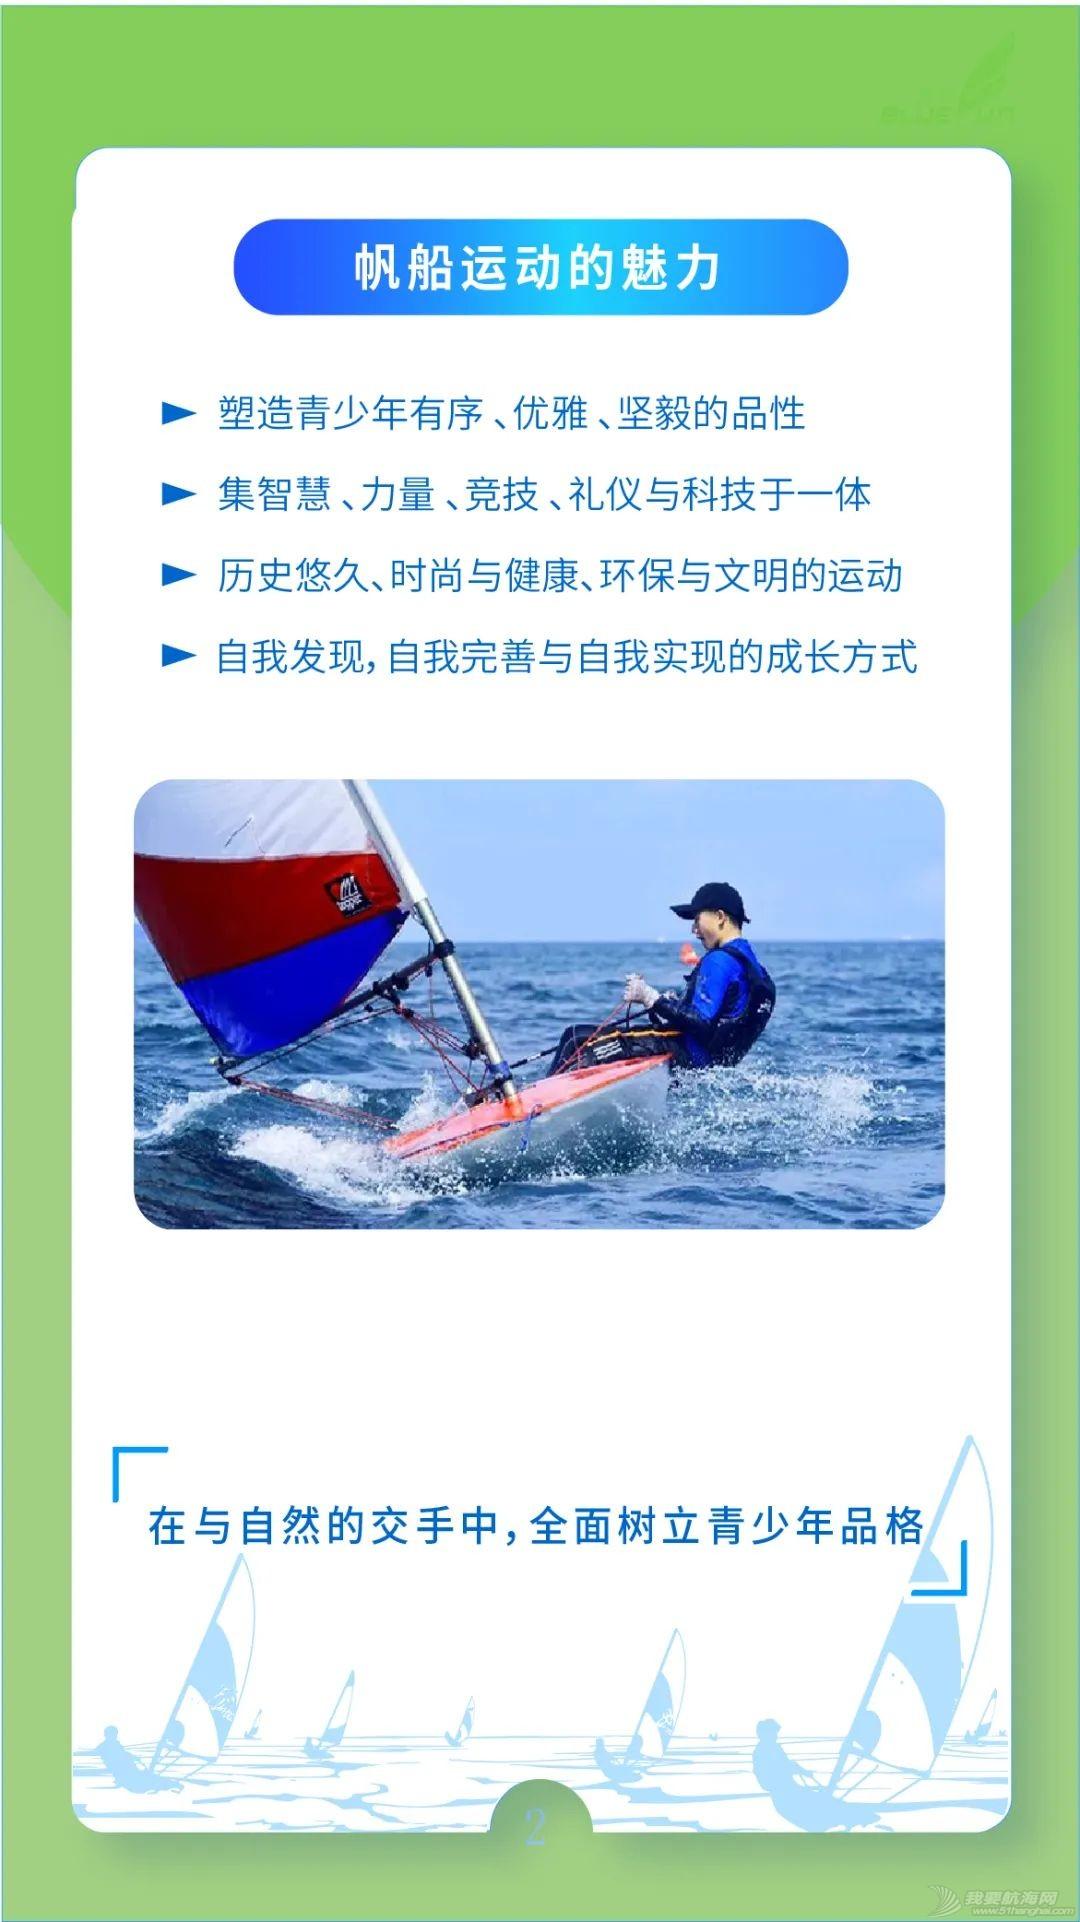 2021帆船夏令营之华南篇|中帆协小帆船认证培训中心营业啦②w21.jpg